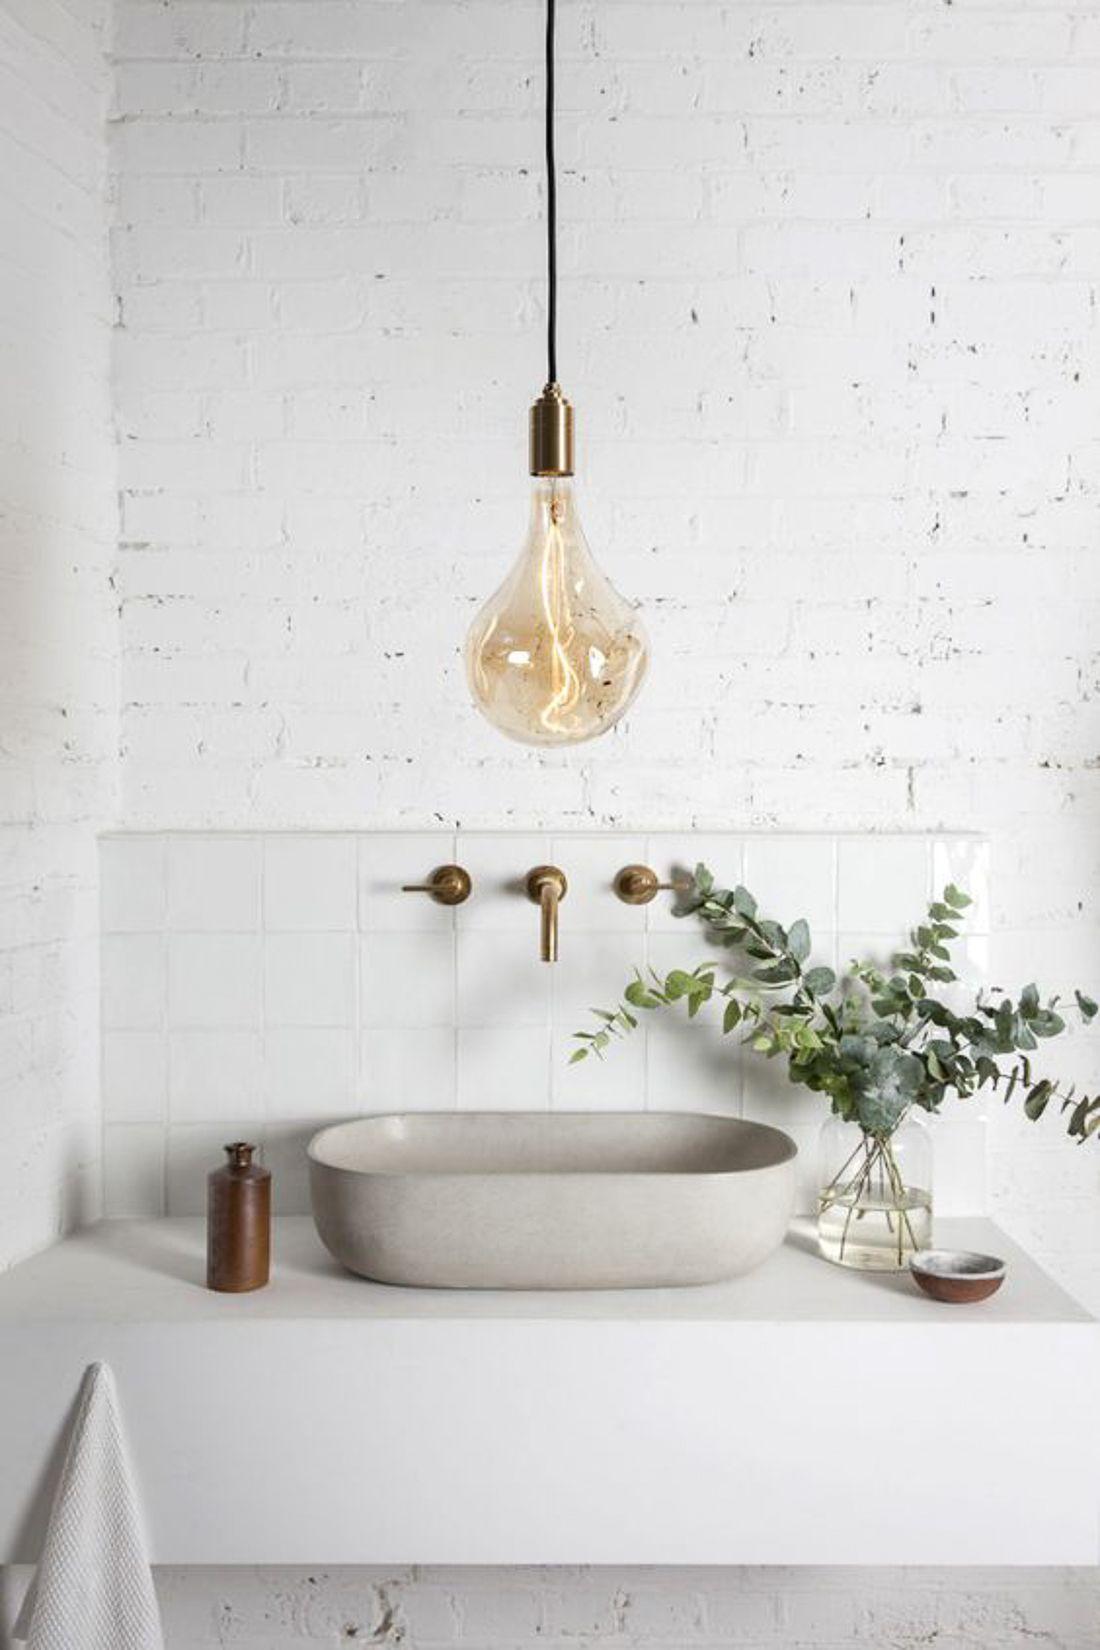 Lista De Plataformas Com Cursos De Design Online Em 2020 Projeto Moderno Para Casa De Banho Banheiro Minimo E Interior Do Banheiro